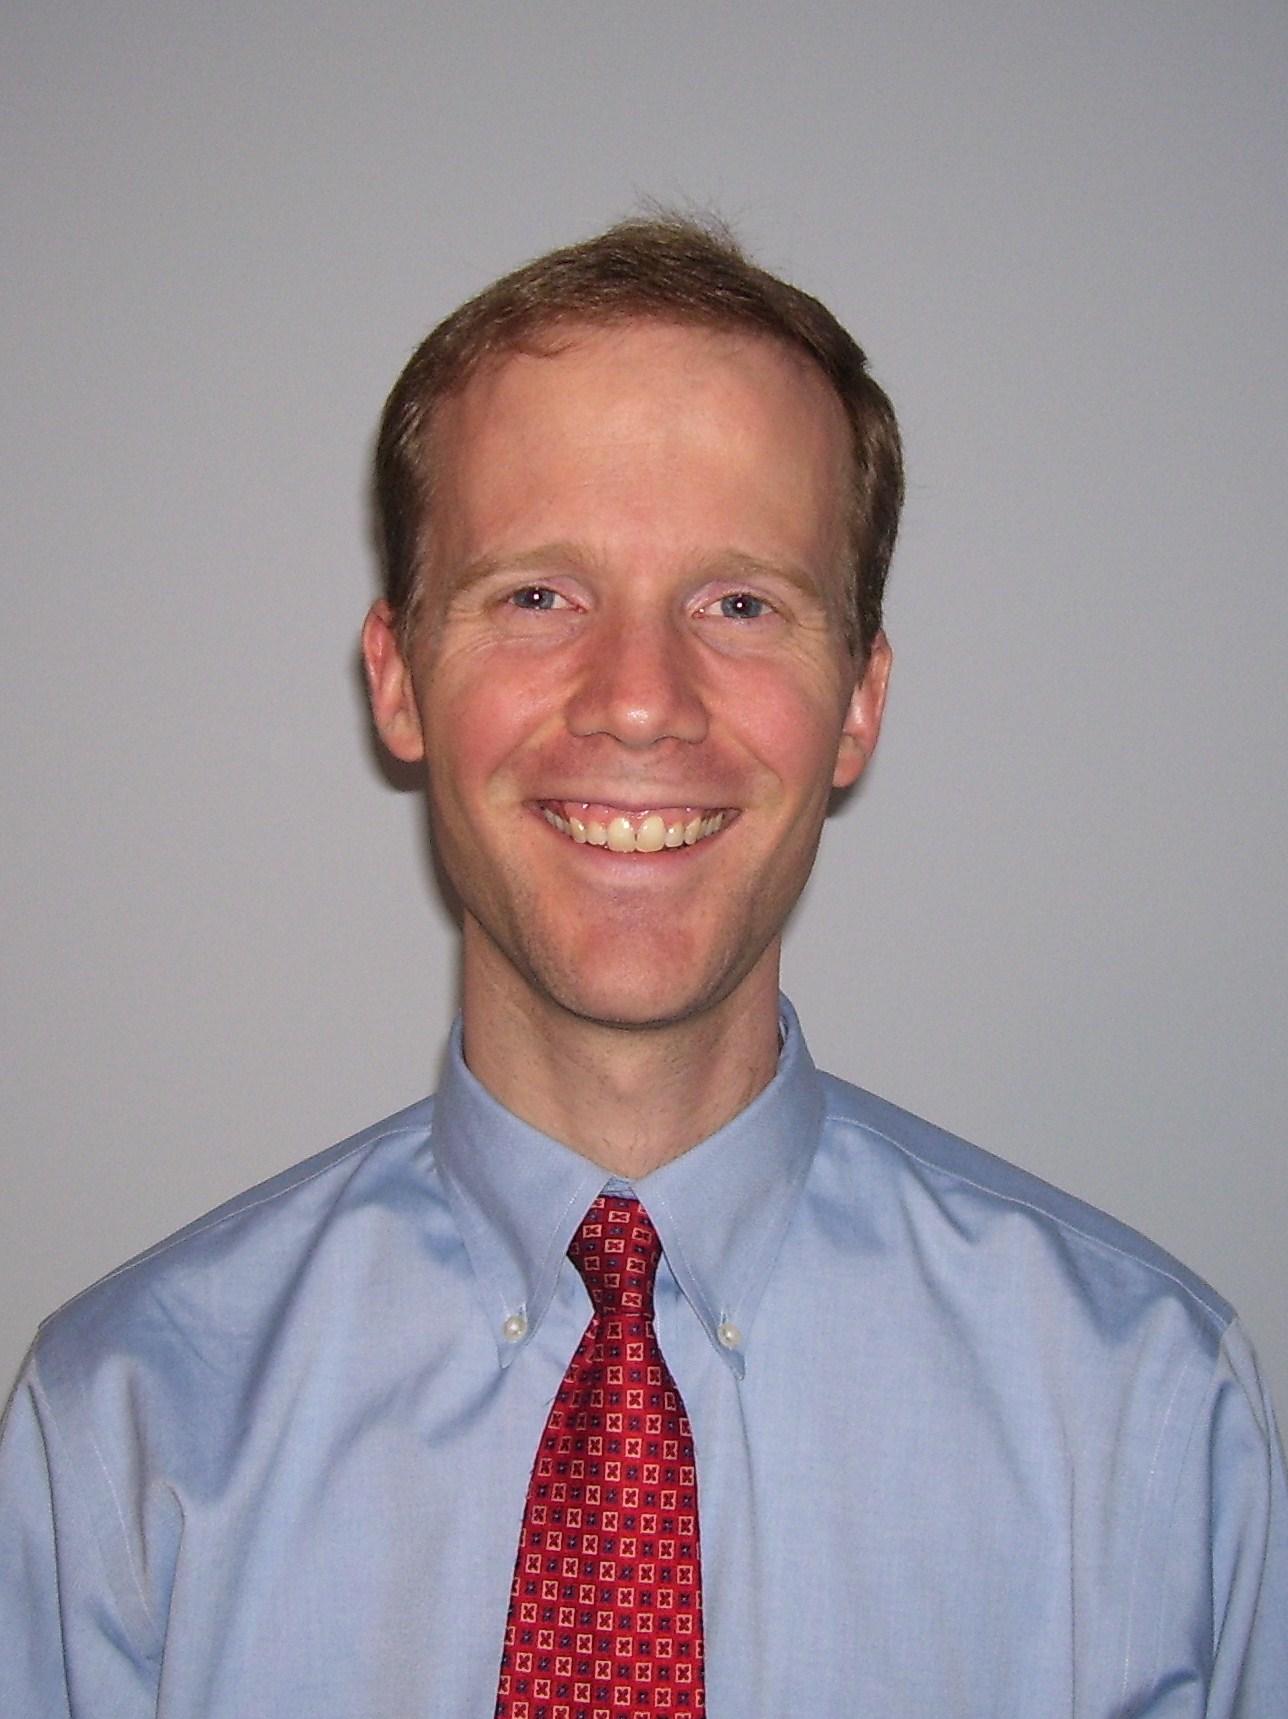 Dr. Kinghorn